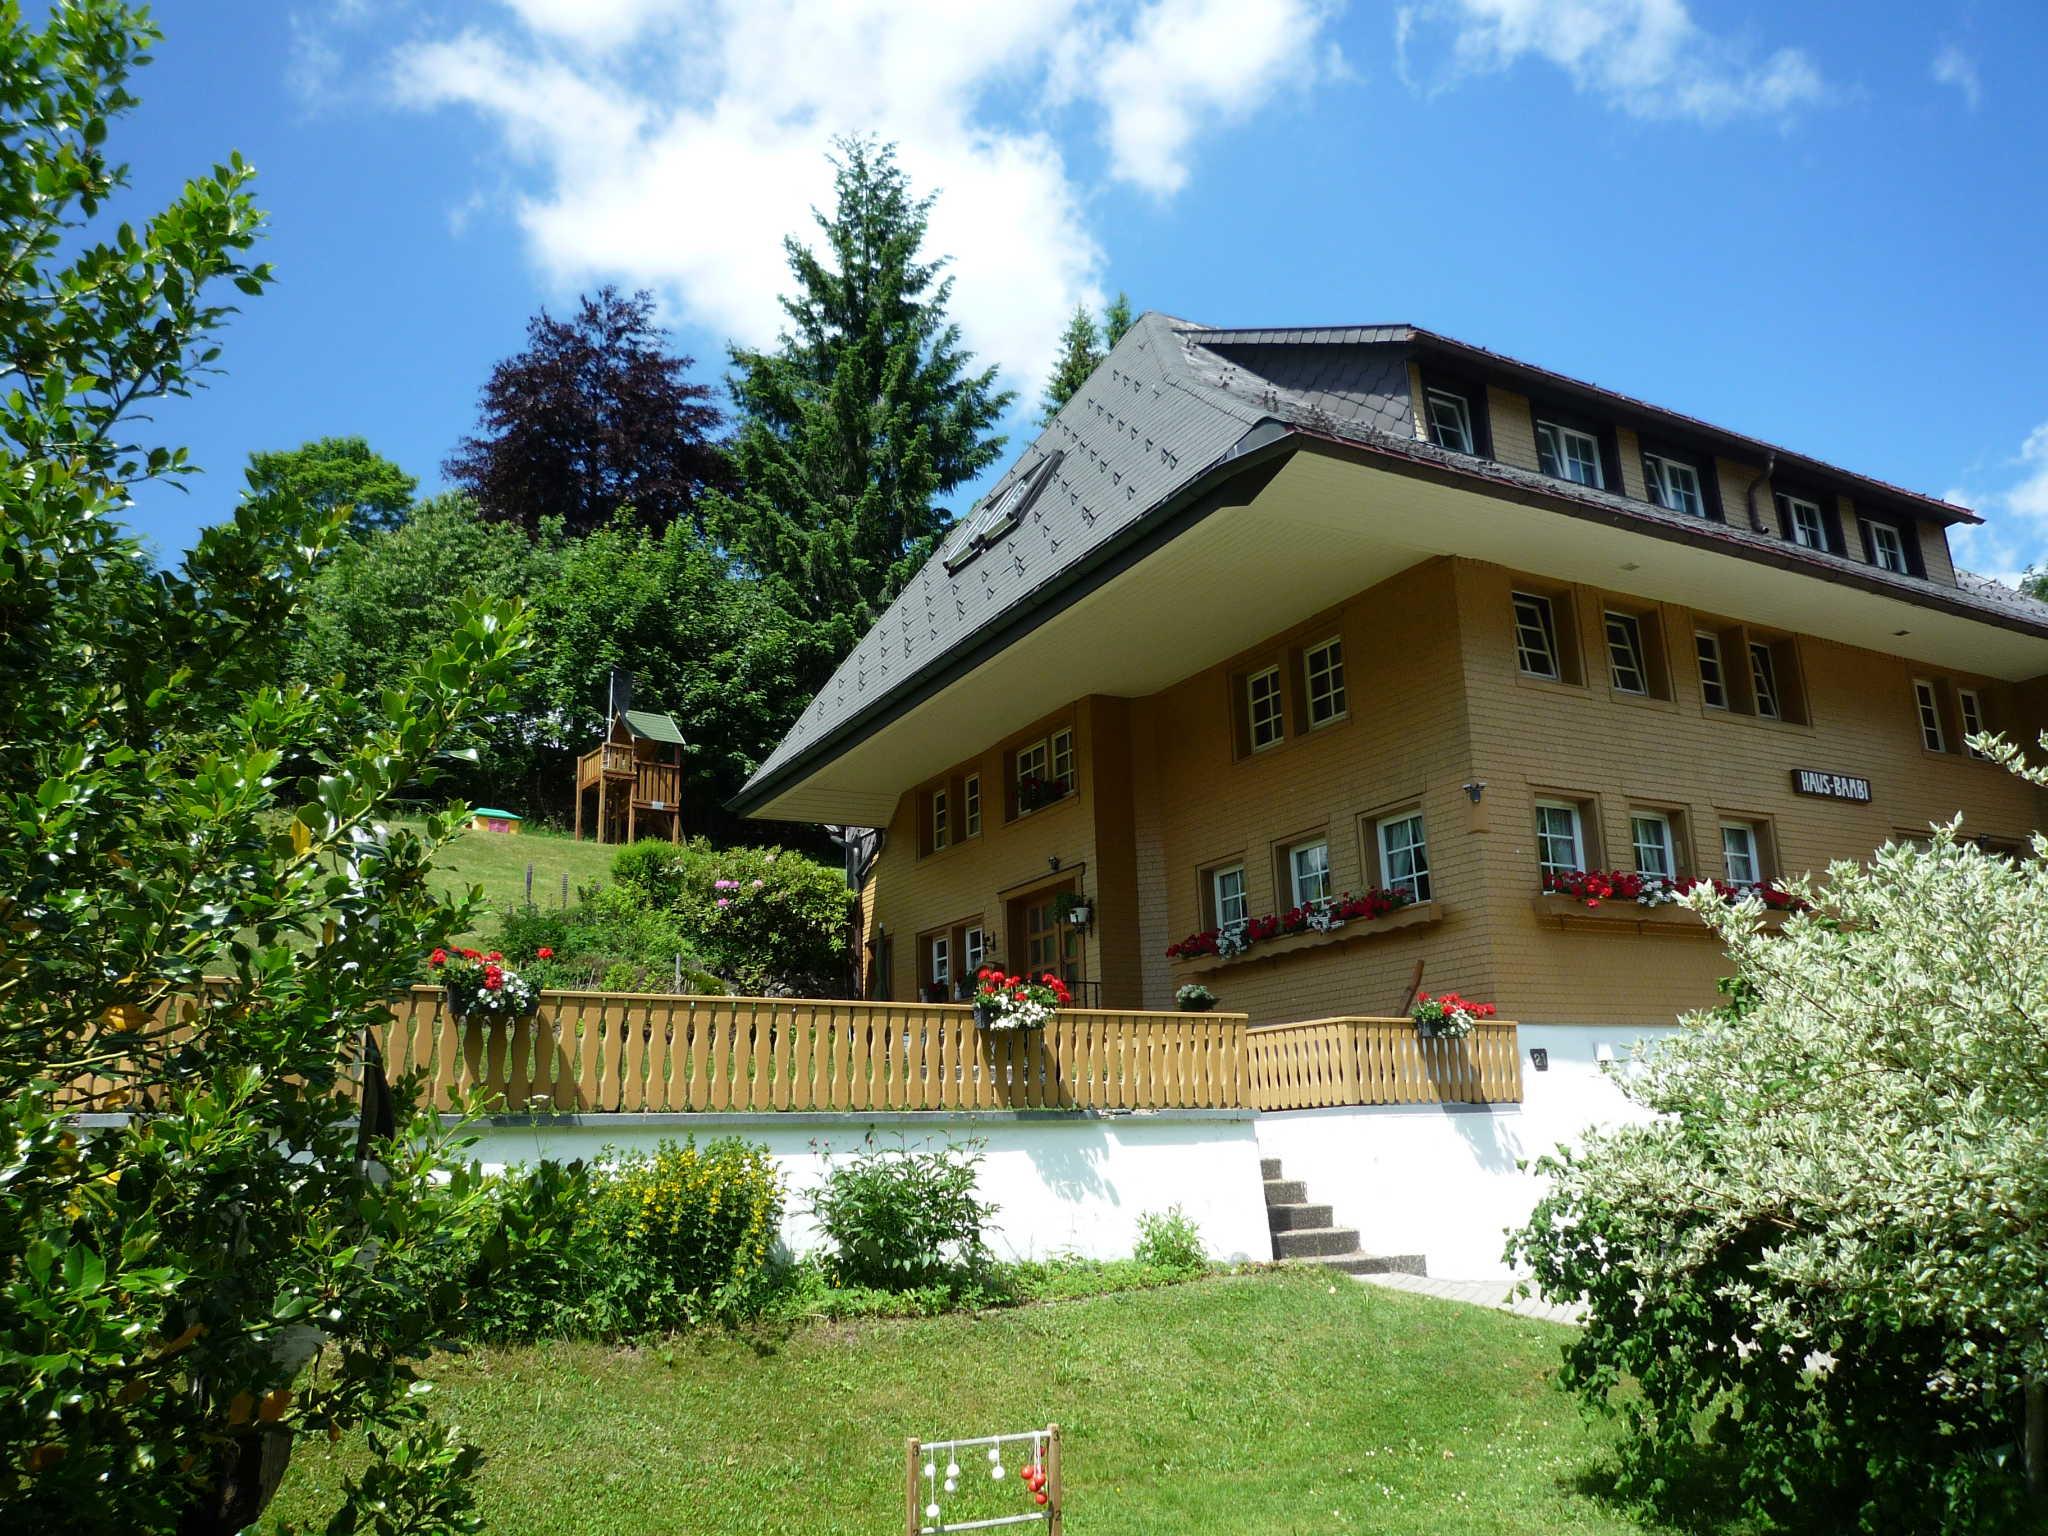 haus bambi in todtnauberg baden w rttemberg fabienne m hl. Black Bedroom Furniture Sets. Home Design Ideas